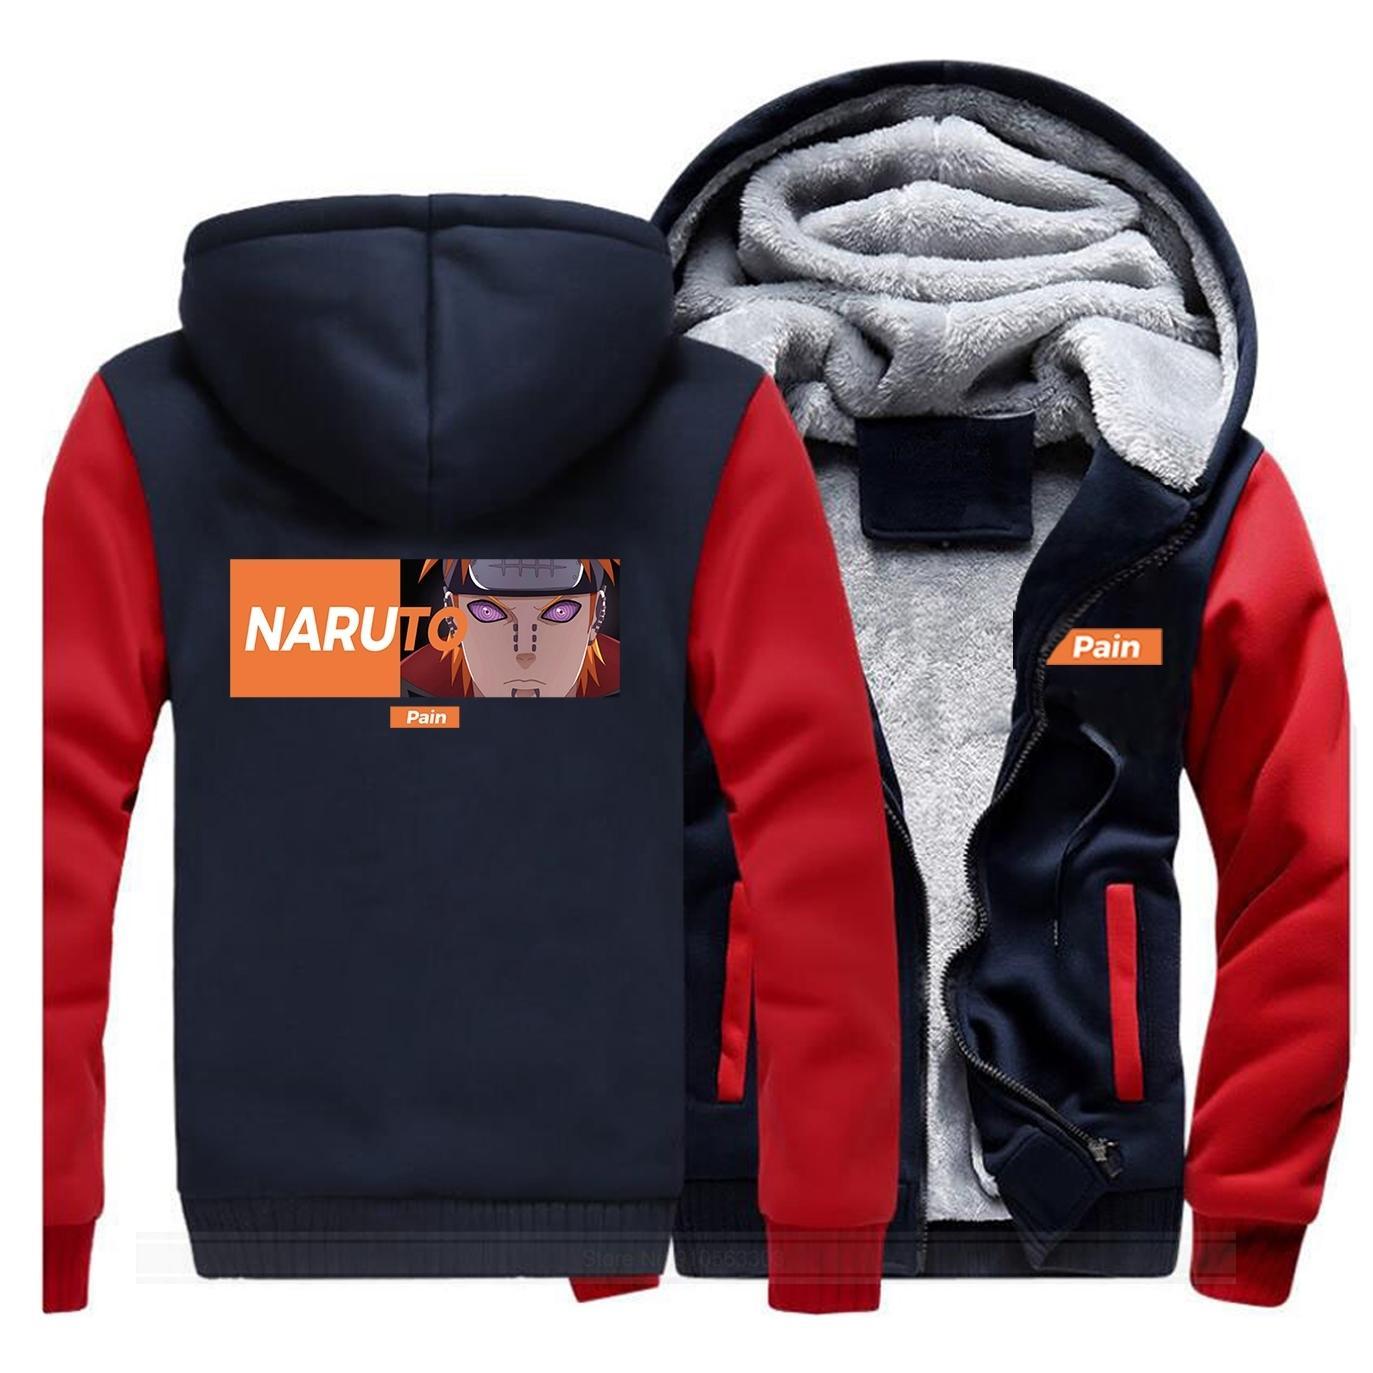 Naruto Japonés Anime Dolor espesar Sudaderas con capucha Hombres Invierno Cálido Casual Sudaderas Harajuku Chaquetas Chaquetas para hombre Para Fans